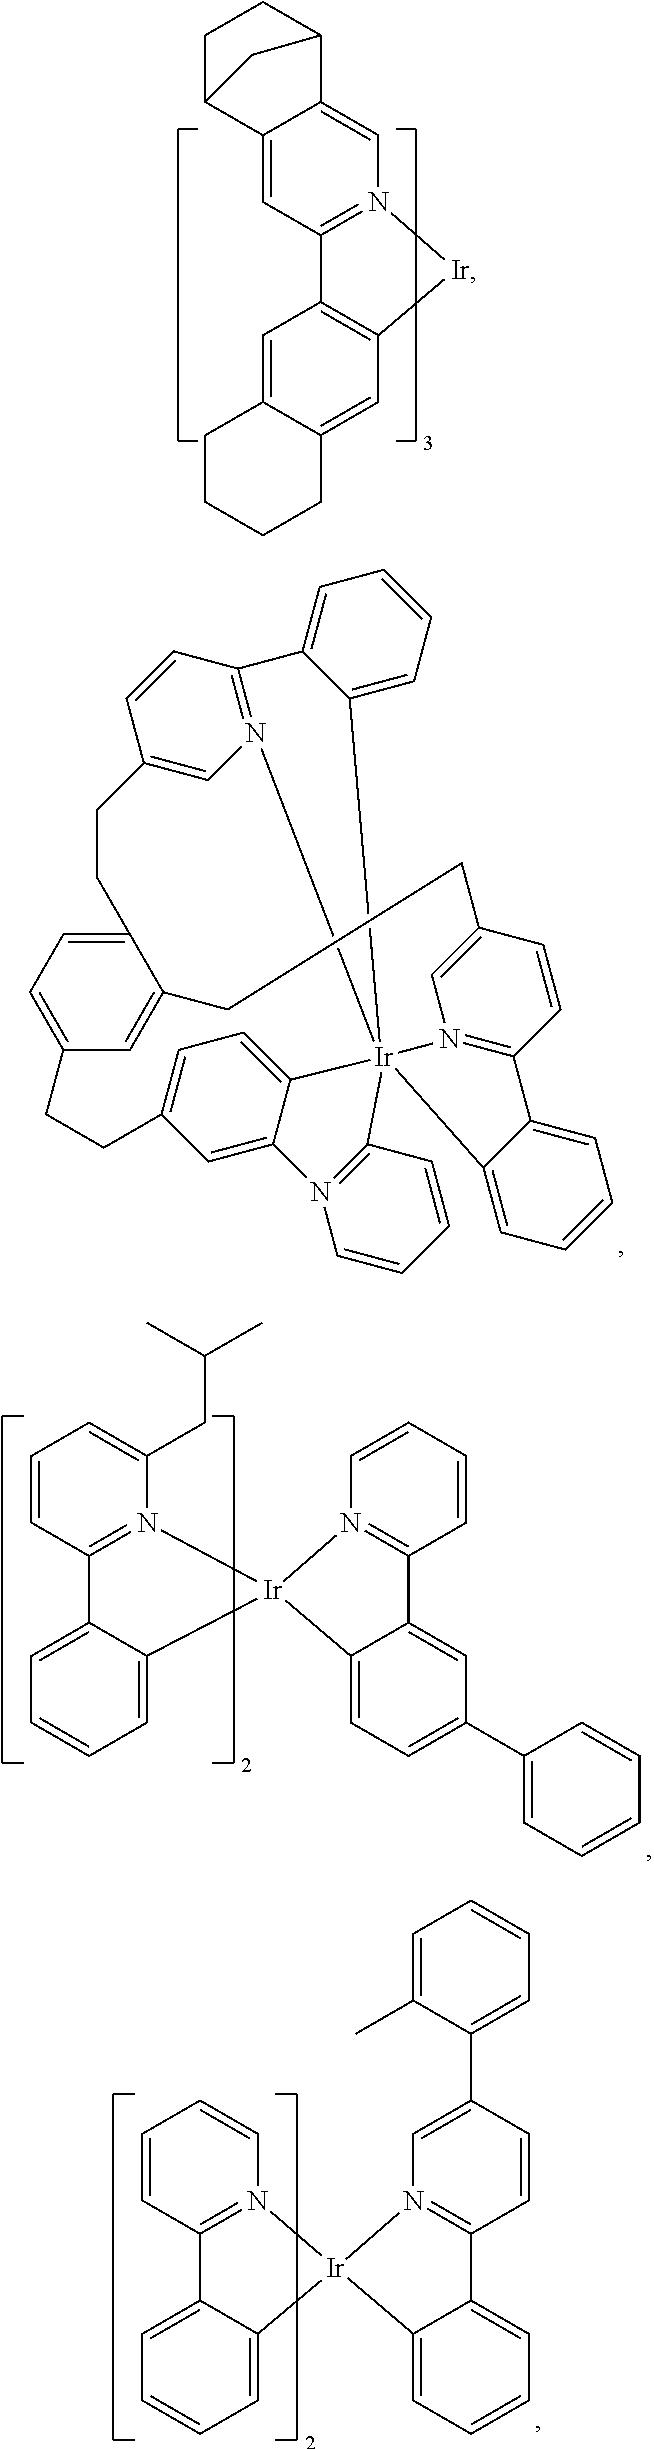 Figure US20170033295A1-20170202-C00133